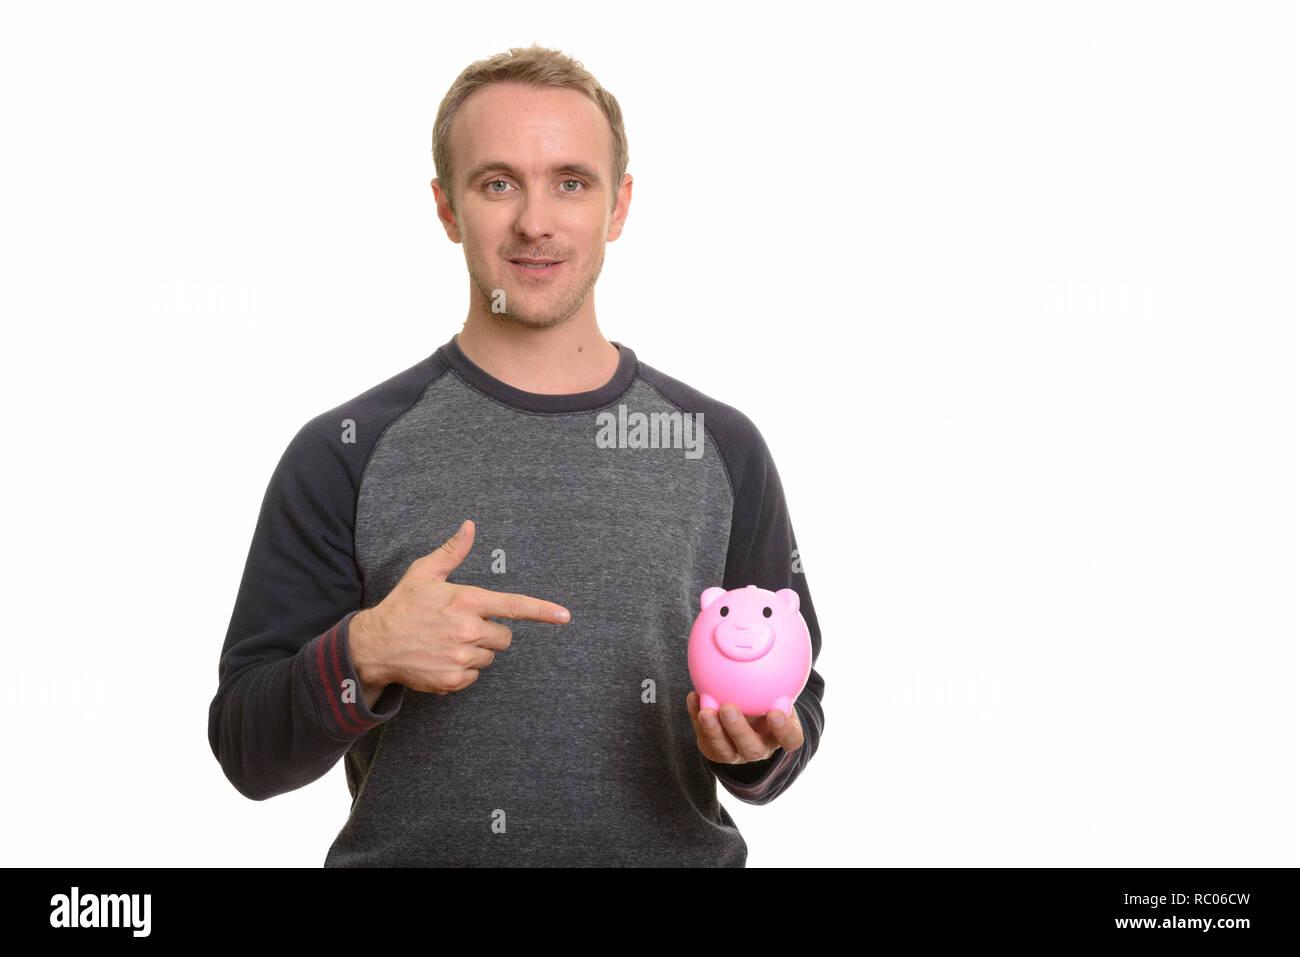 Stattlichen kaukasischen Mann, Sparschwein und Zeigefinger Stockfoto